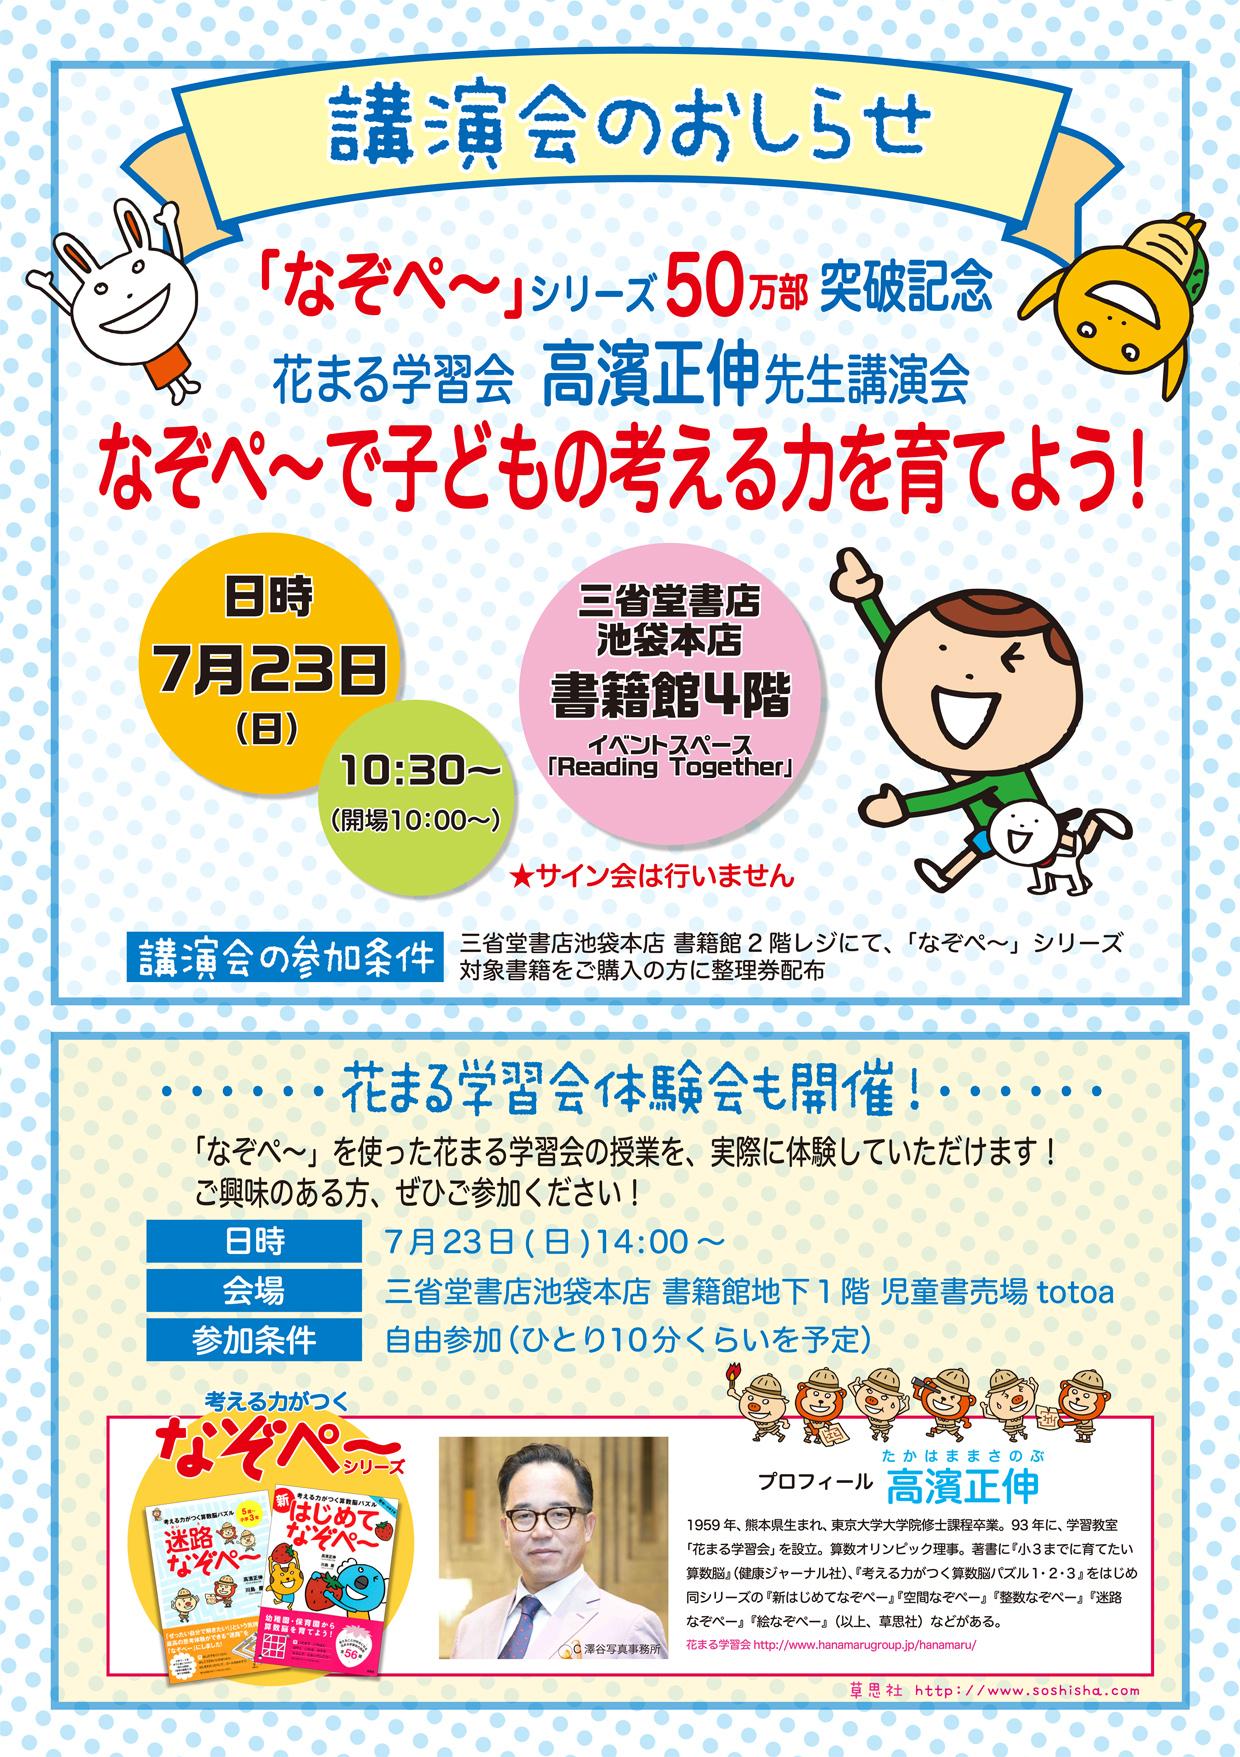 花まる学習会 高濱正伸先生講演会 なぞぺ~で子どもの考える力を育てよう!